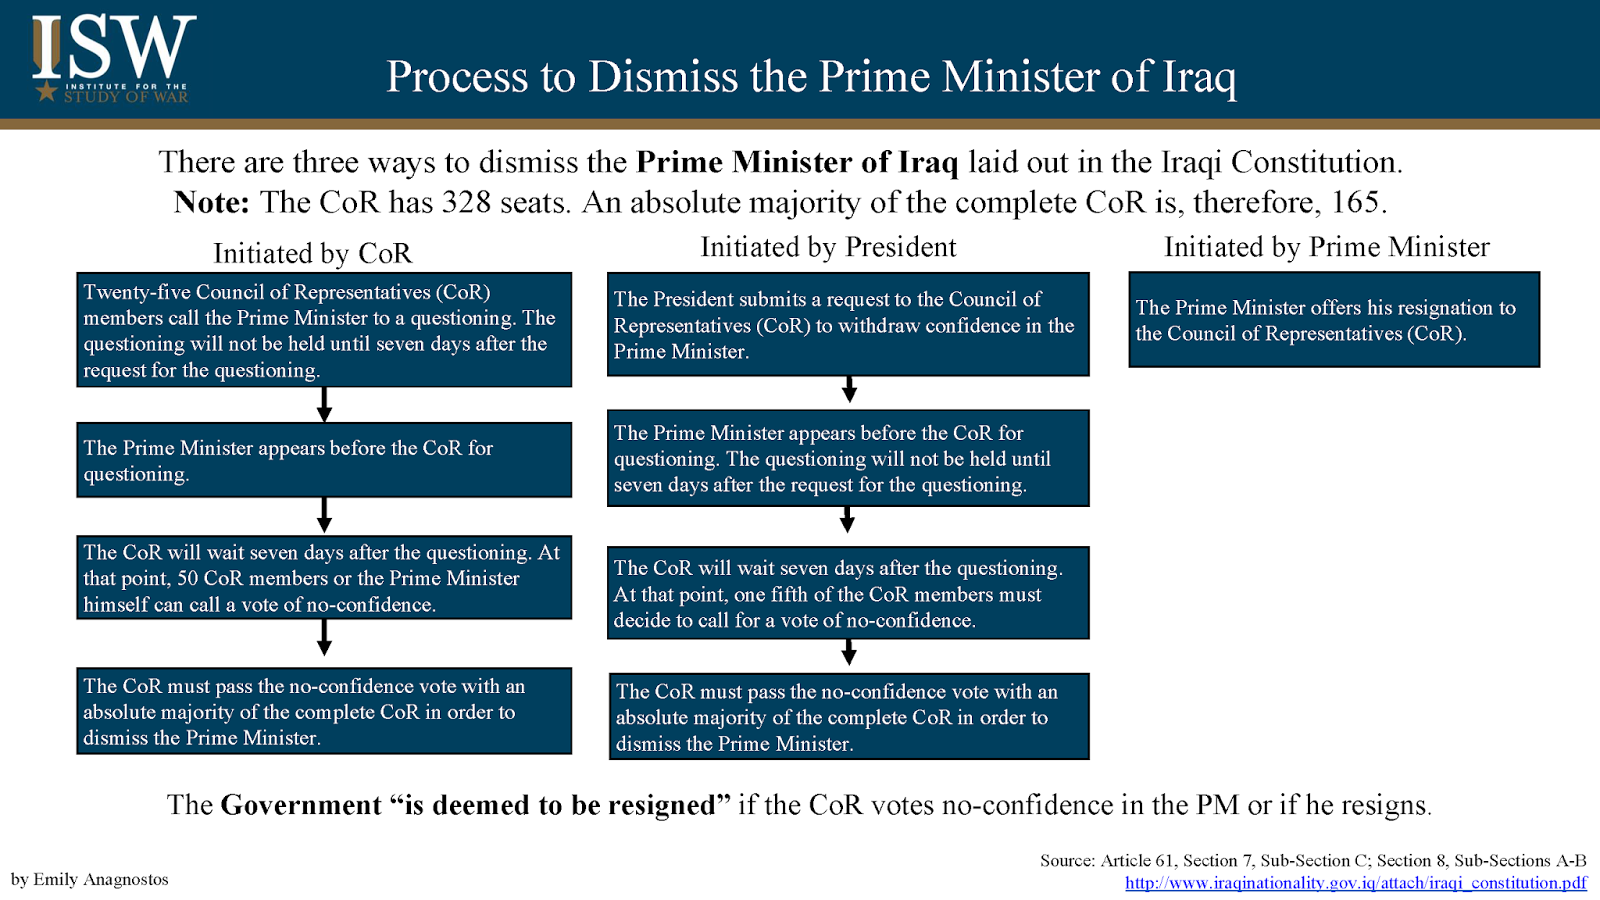 Iraqi Constitutional Provisions